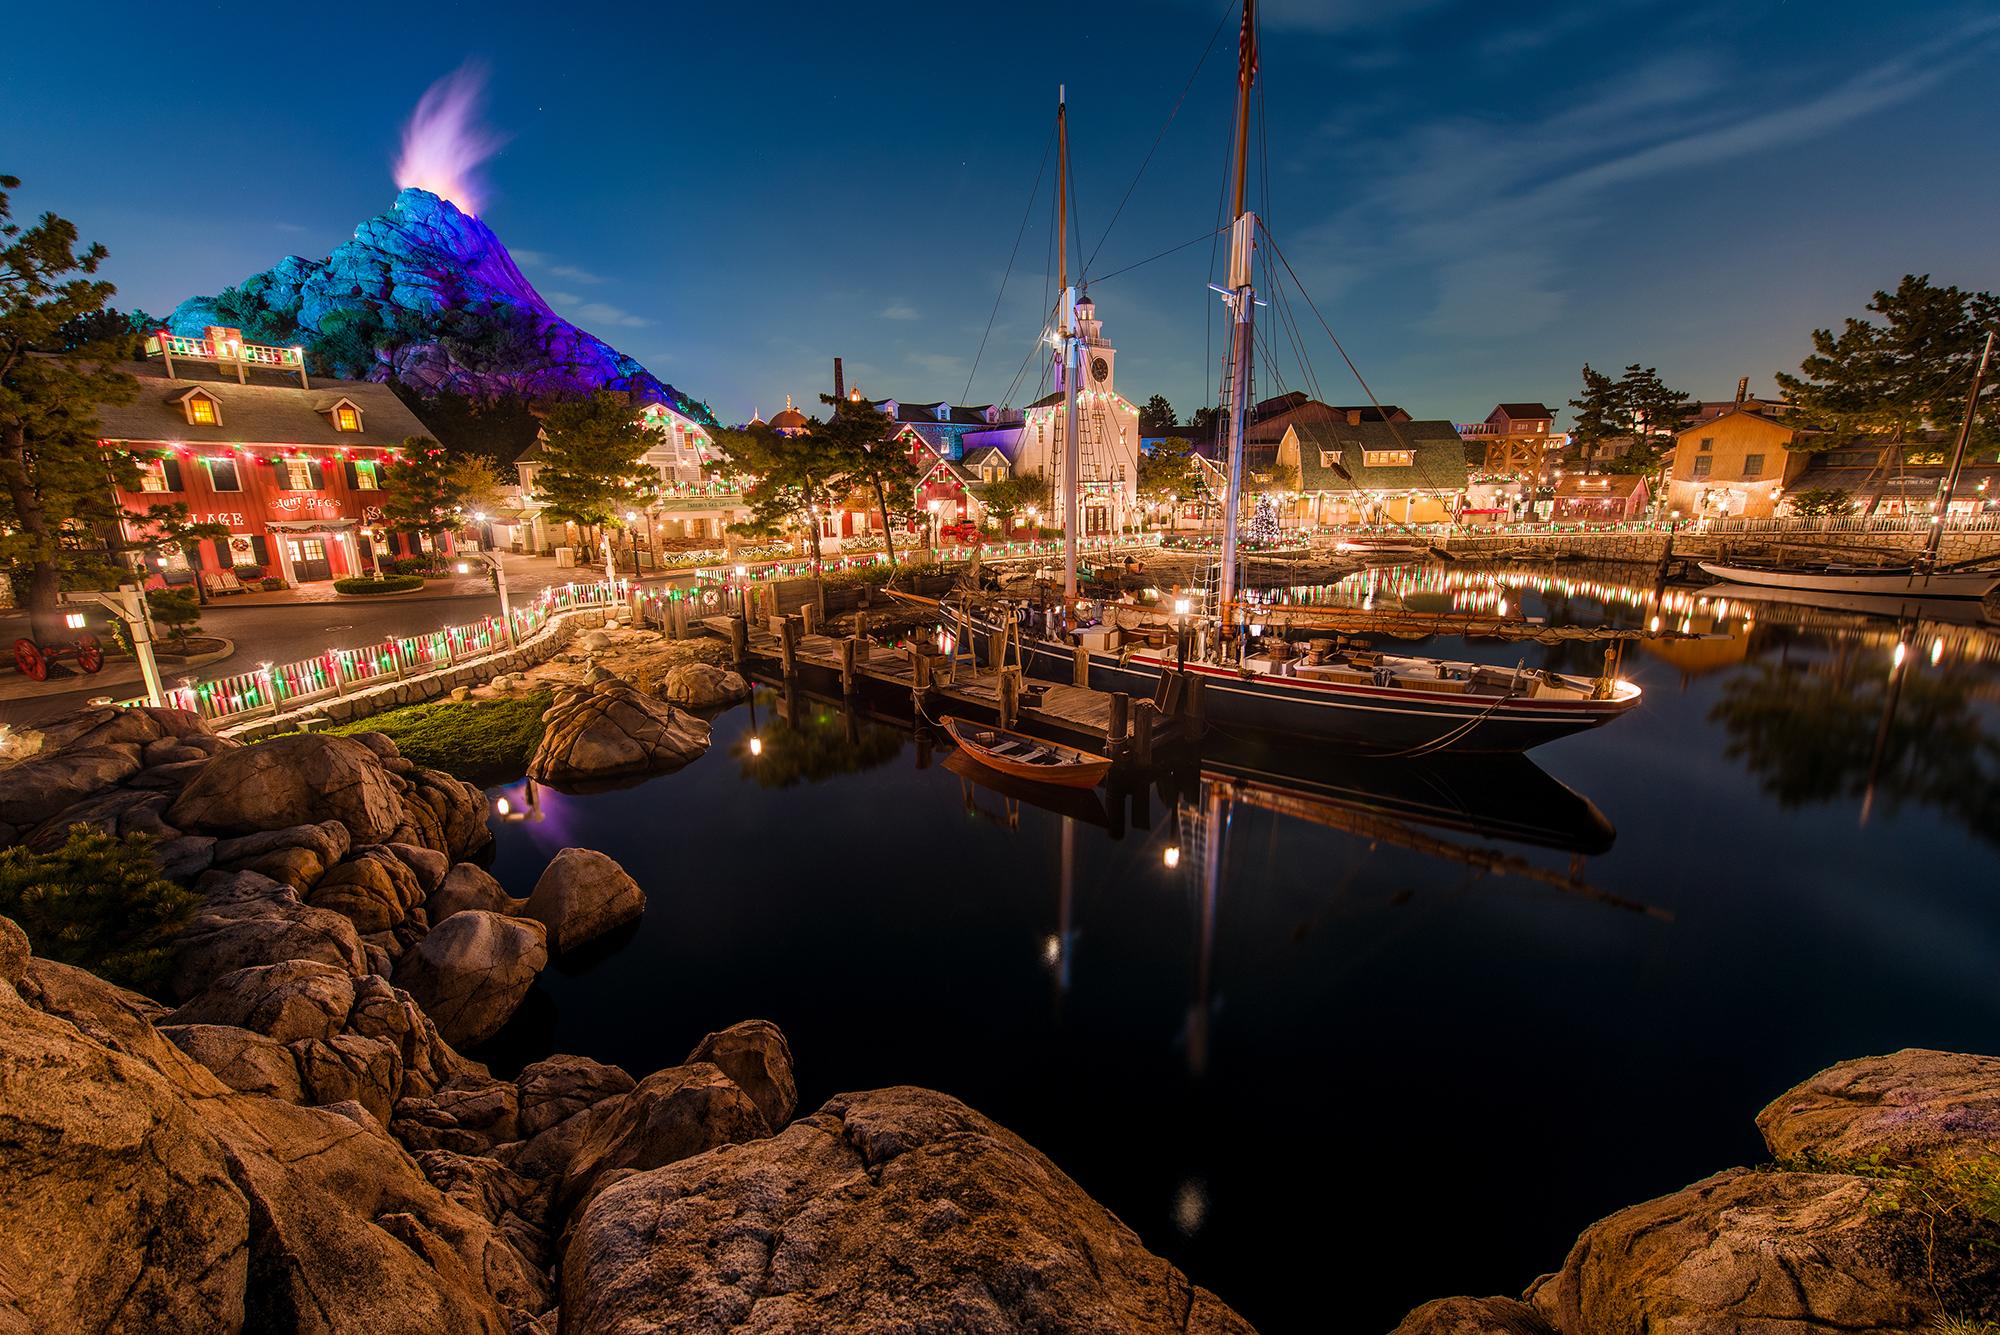 Un vistaso a Disney - 2000x1335